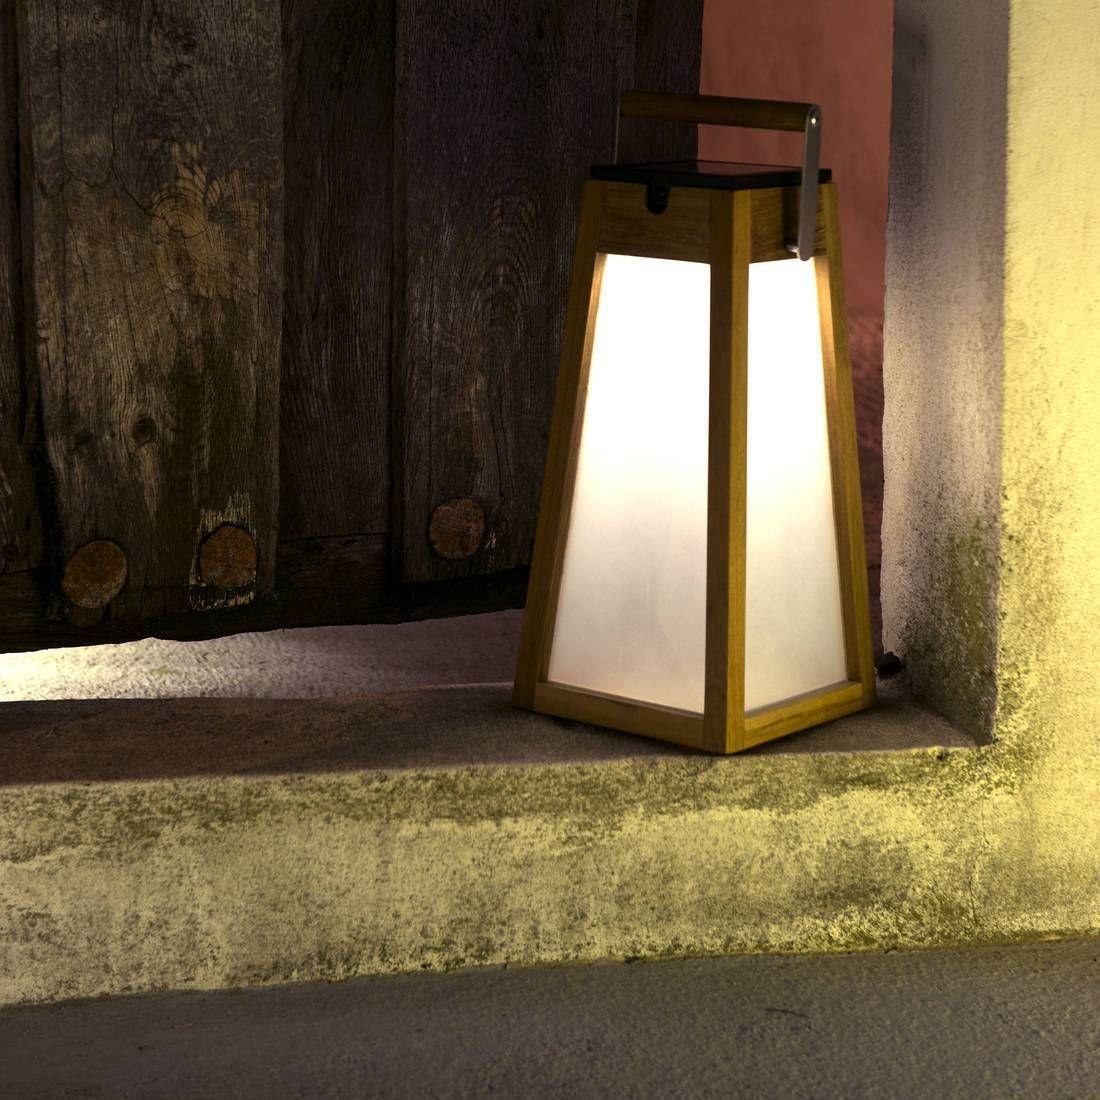 Lanterne D 39 Exterieur Led Rechargeable Amp Solaire De La Collection Tinka Tecka Editee Par Les Jardins Com Lampe D Exterieur Lanterne Decoration Outdoor